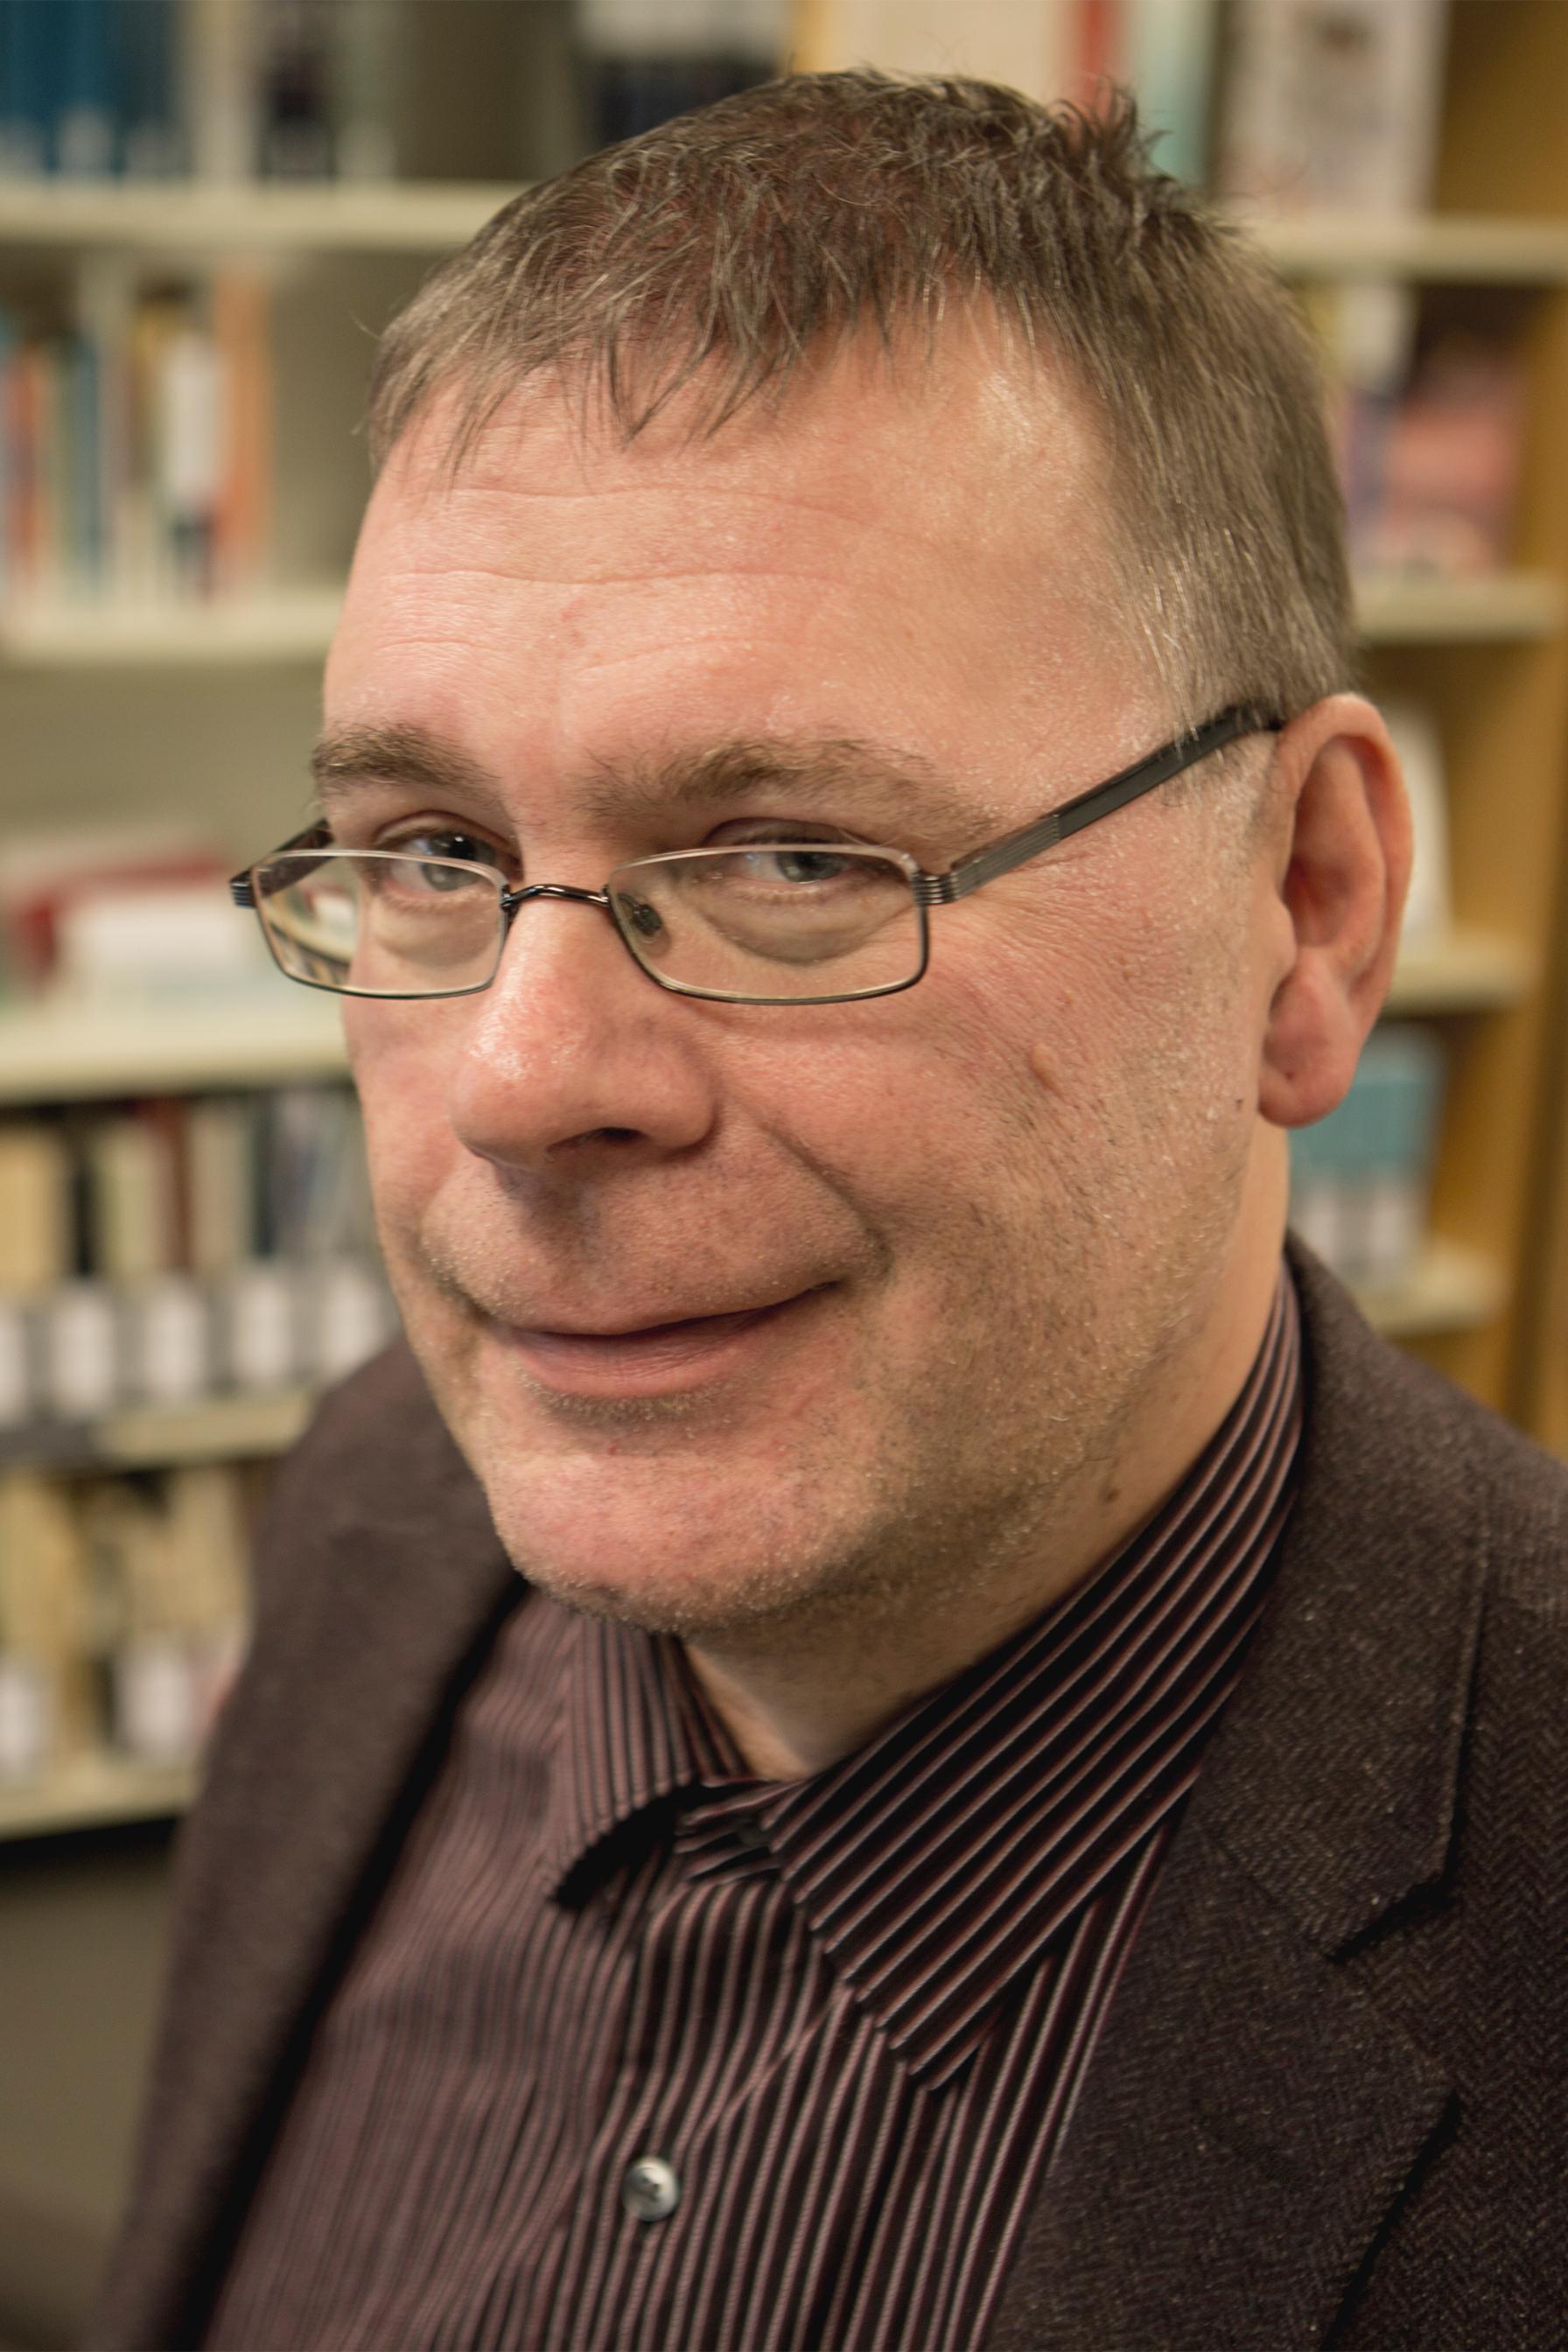 Ari Turunen - Ari Turunen wurde 1966 in Helsinki geboren. Er arbeitete zwanzig Jahre lang als Wissenschaftsjournalist für verschiedene Medien. Heute hält er Vorträge zu kulturgeschichtlichen Themen an Hochschulen und schreibt Beiträge für den Rundfunk. Seine Bücher analysieren humorvoll die Kuriosa westlicher Kulturgeschichte, etwa den Aberglauben, das Benehmen, die Trinkgewohnheiten, das Lügen. Zuletzt veröffentlichte er ein Buch über die Geschichte der Eisbrecher. Kann mir bitte jemand das Wasser reichen? ist sein erstes auf Deutsch erschienenes Buch.Bild © Anita Westerback